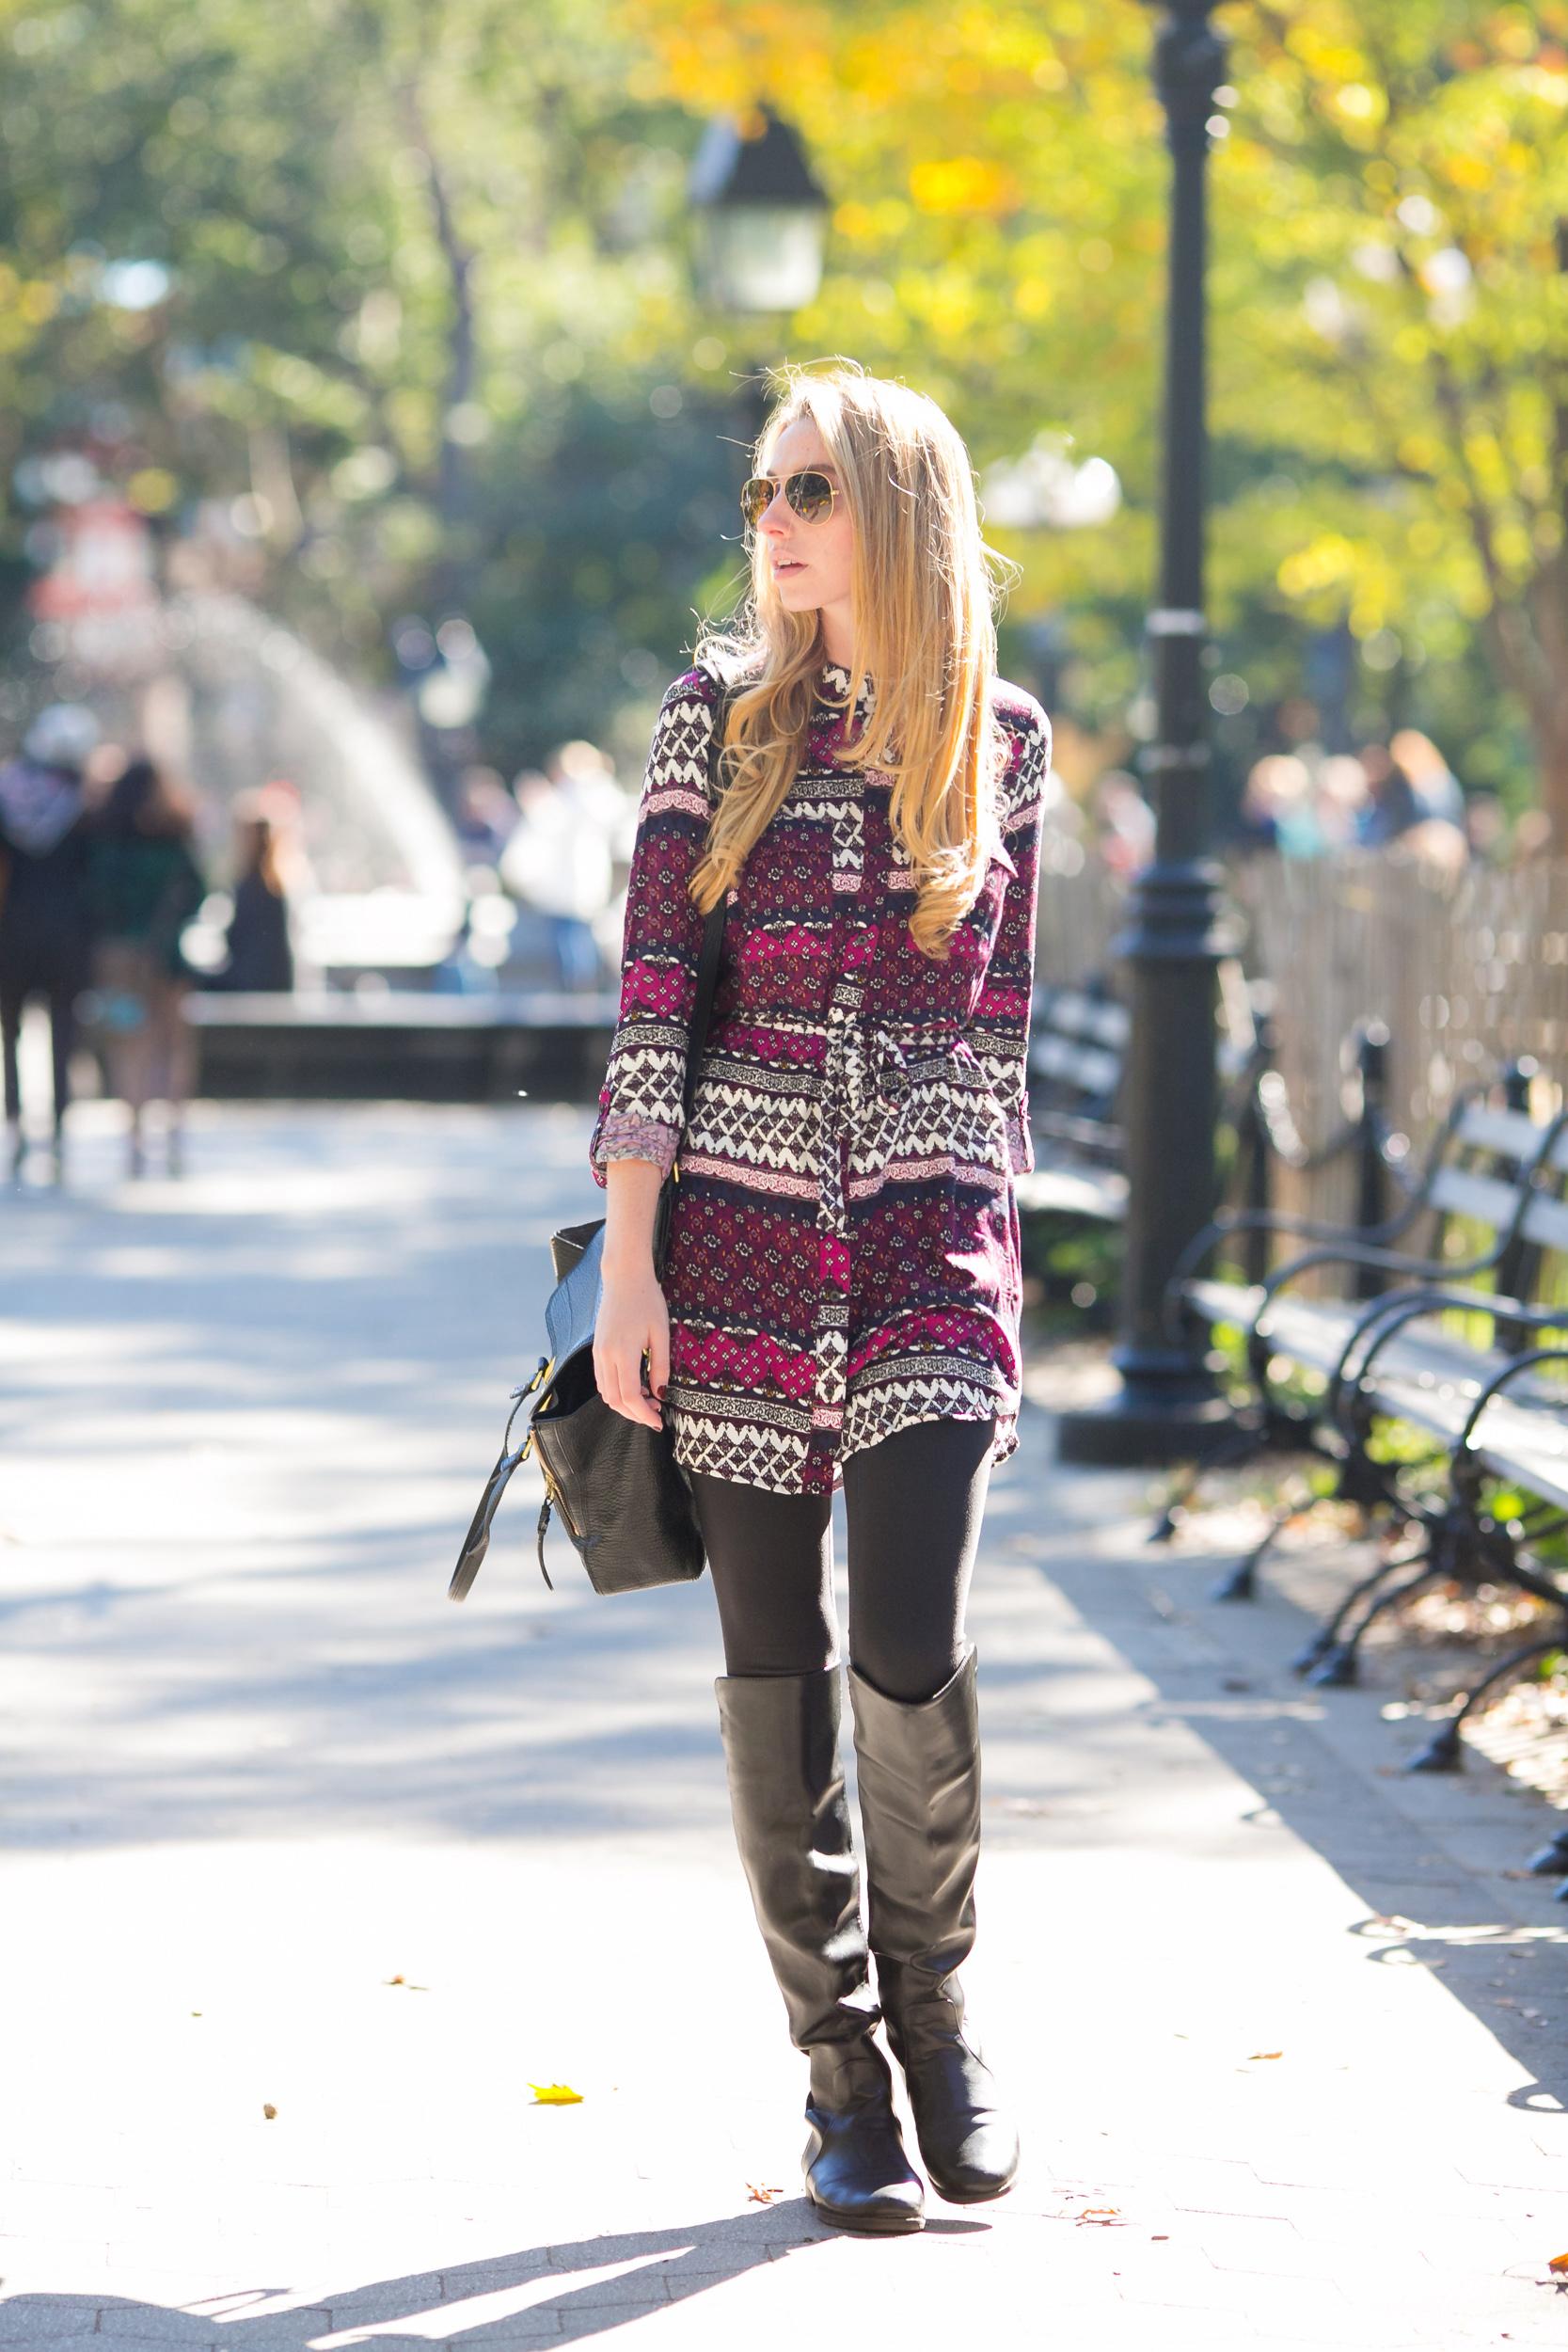 Fall Street Style (via model/blogger, Girl x Garment)